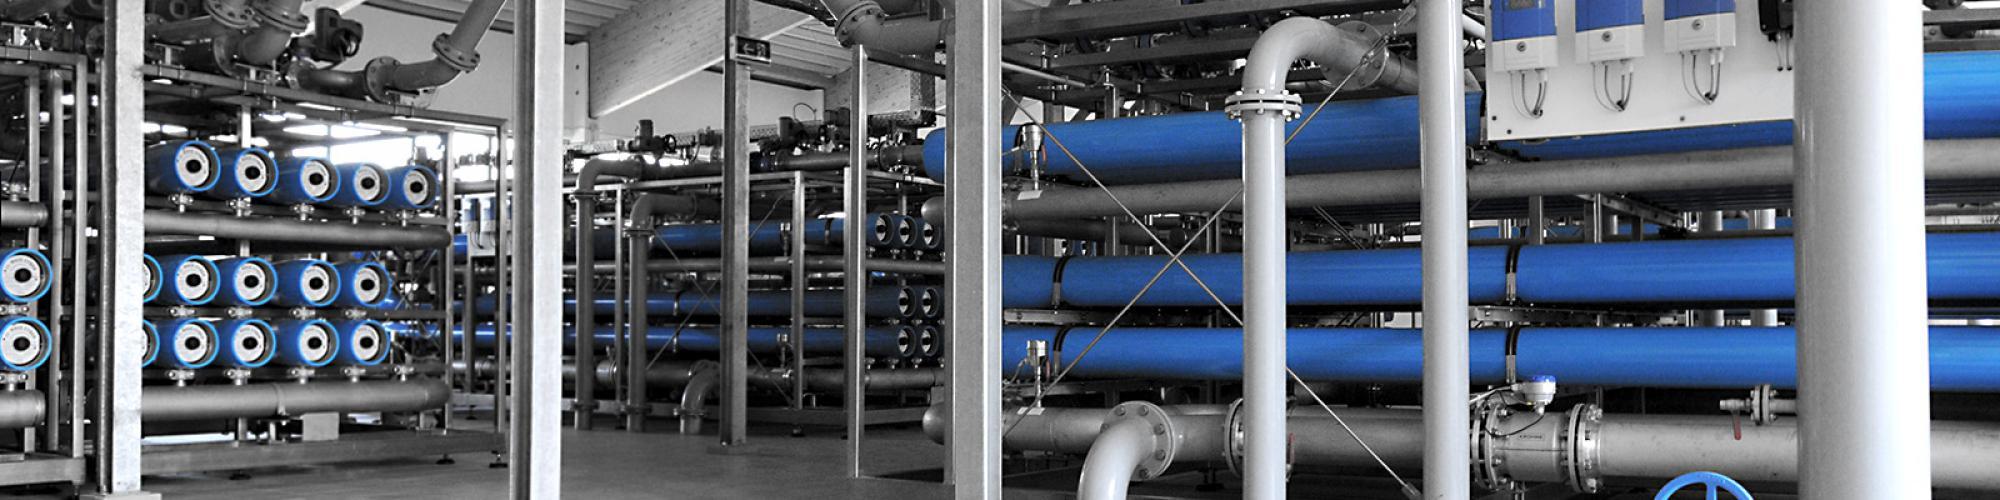 A+H Maschinen- und Anlagenbau GmbH & Co. KG